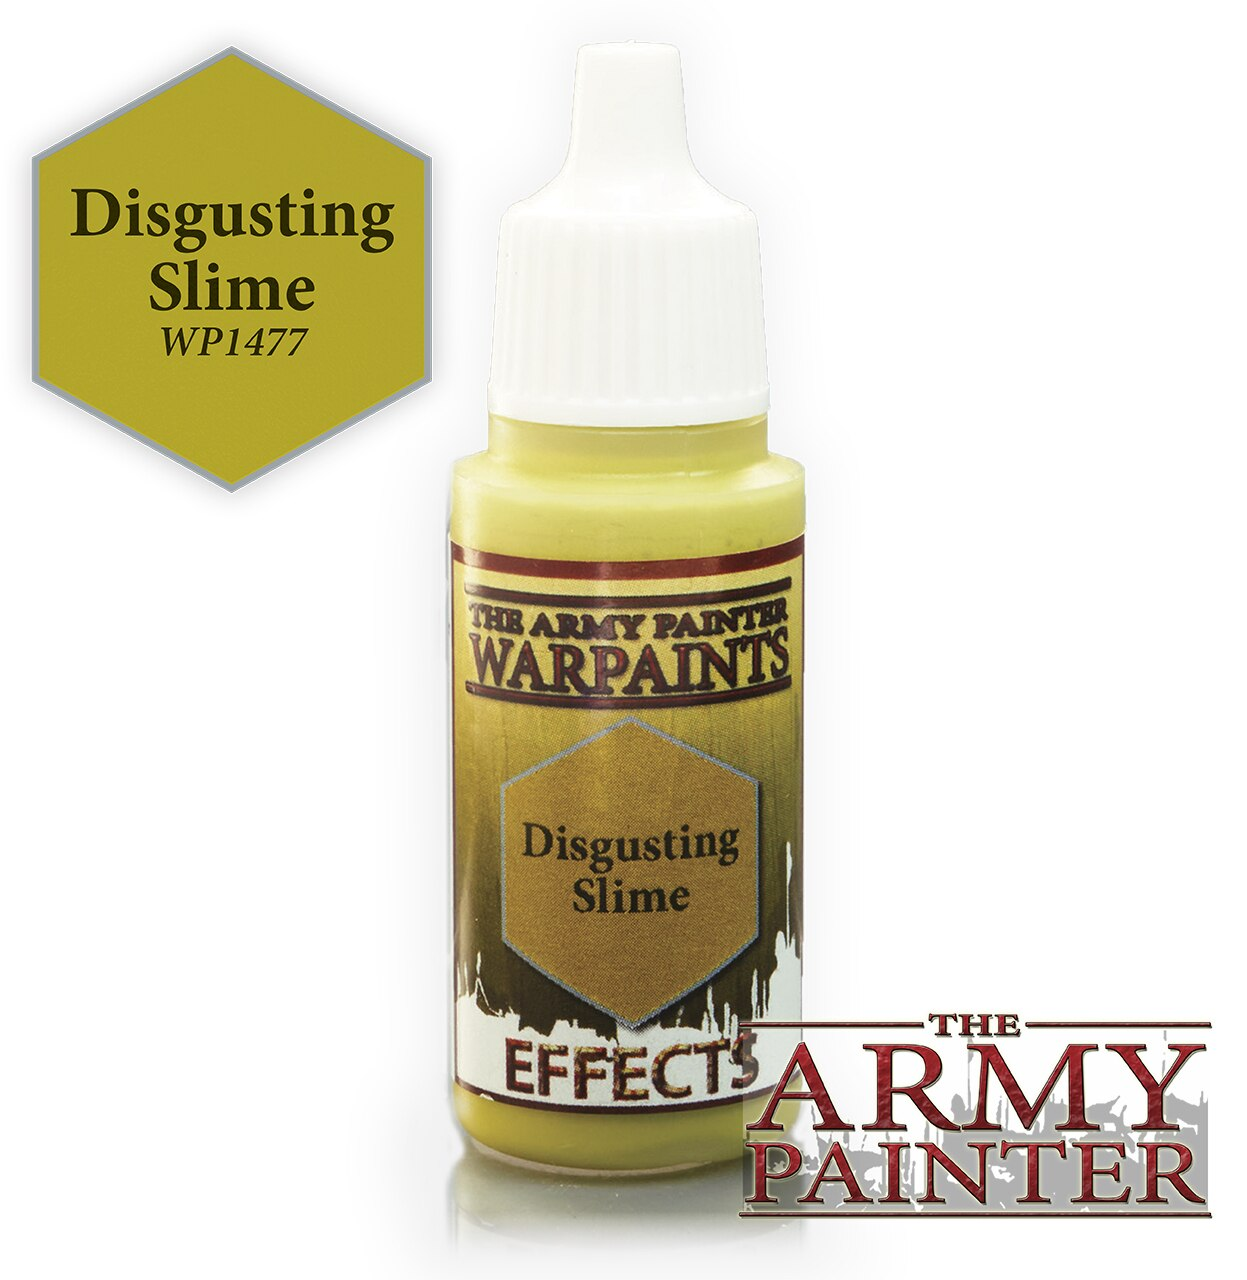 Army Painter Warpaint - Disgusting Slime